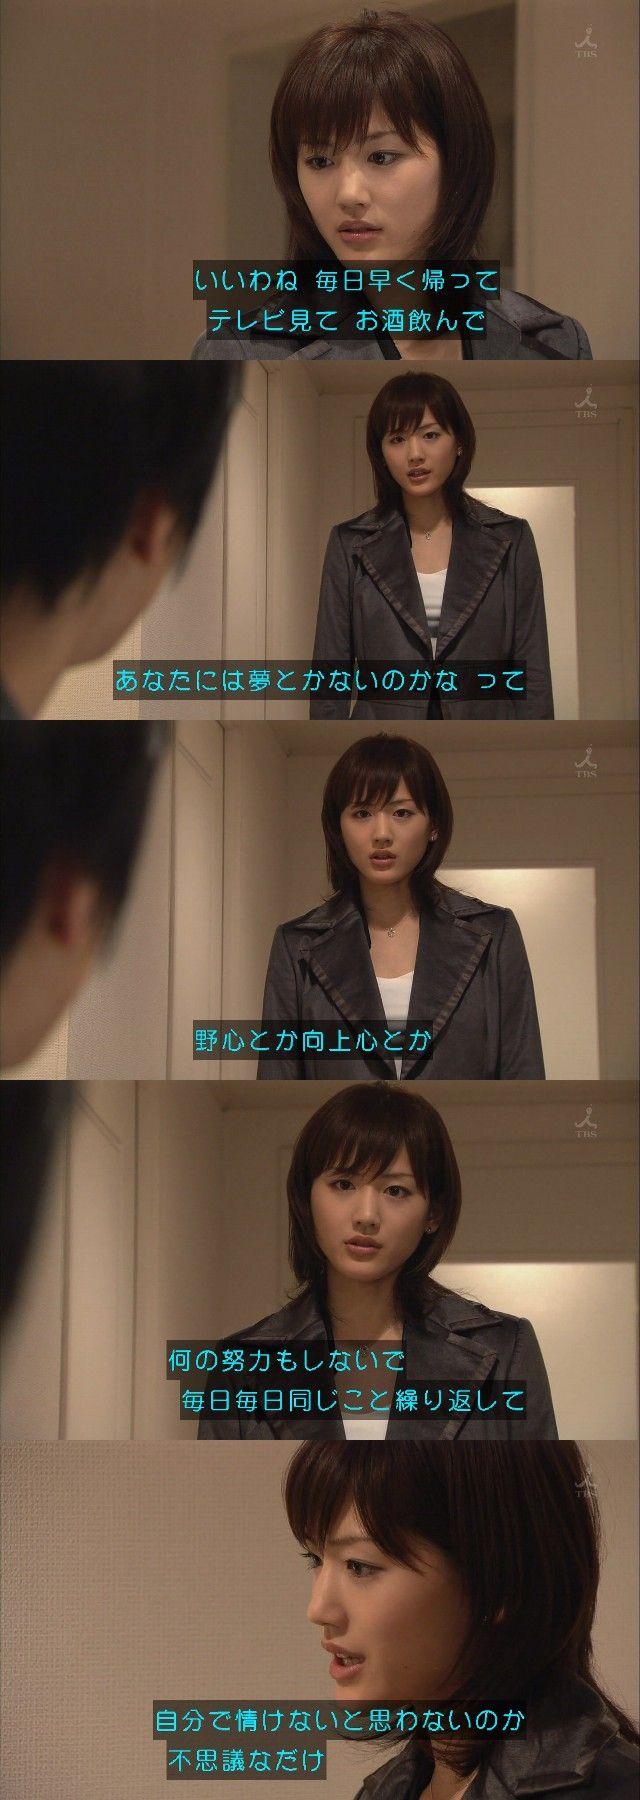 【悲報】第二の村岡万由子さんが誕生していたことが判明 ハメ撮りを含むプライベート画像660枚が流出か->画像>95枚